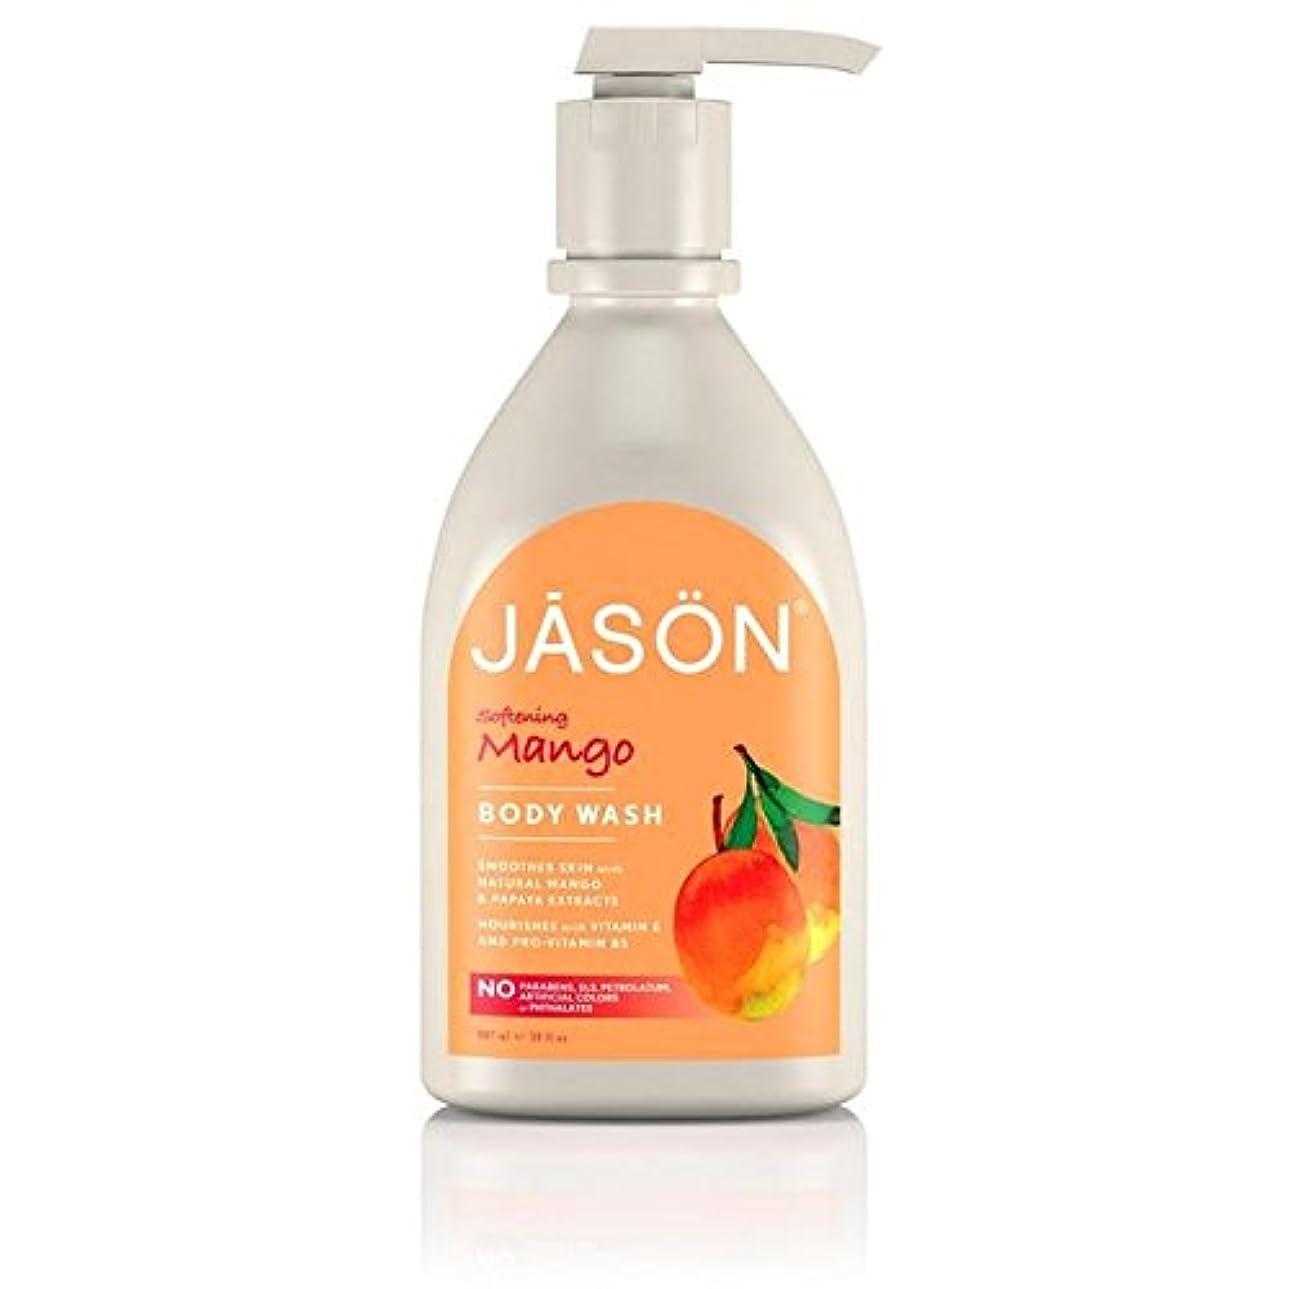 ビルマ新聞拾うジェイソン?マンゴーサテンボディウォッシュポンプ900ミリリットル x4 - Jason Mango Satin Body Wash Pump 900ml (Pack of 4) [並行輸入品]